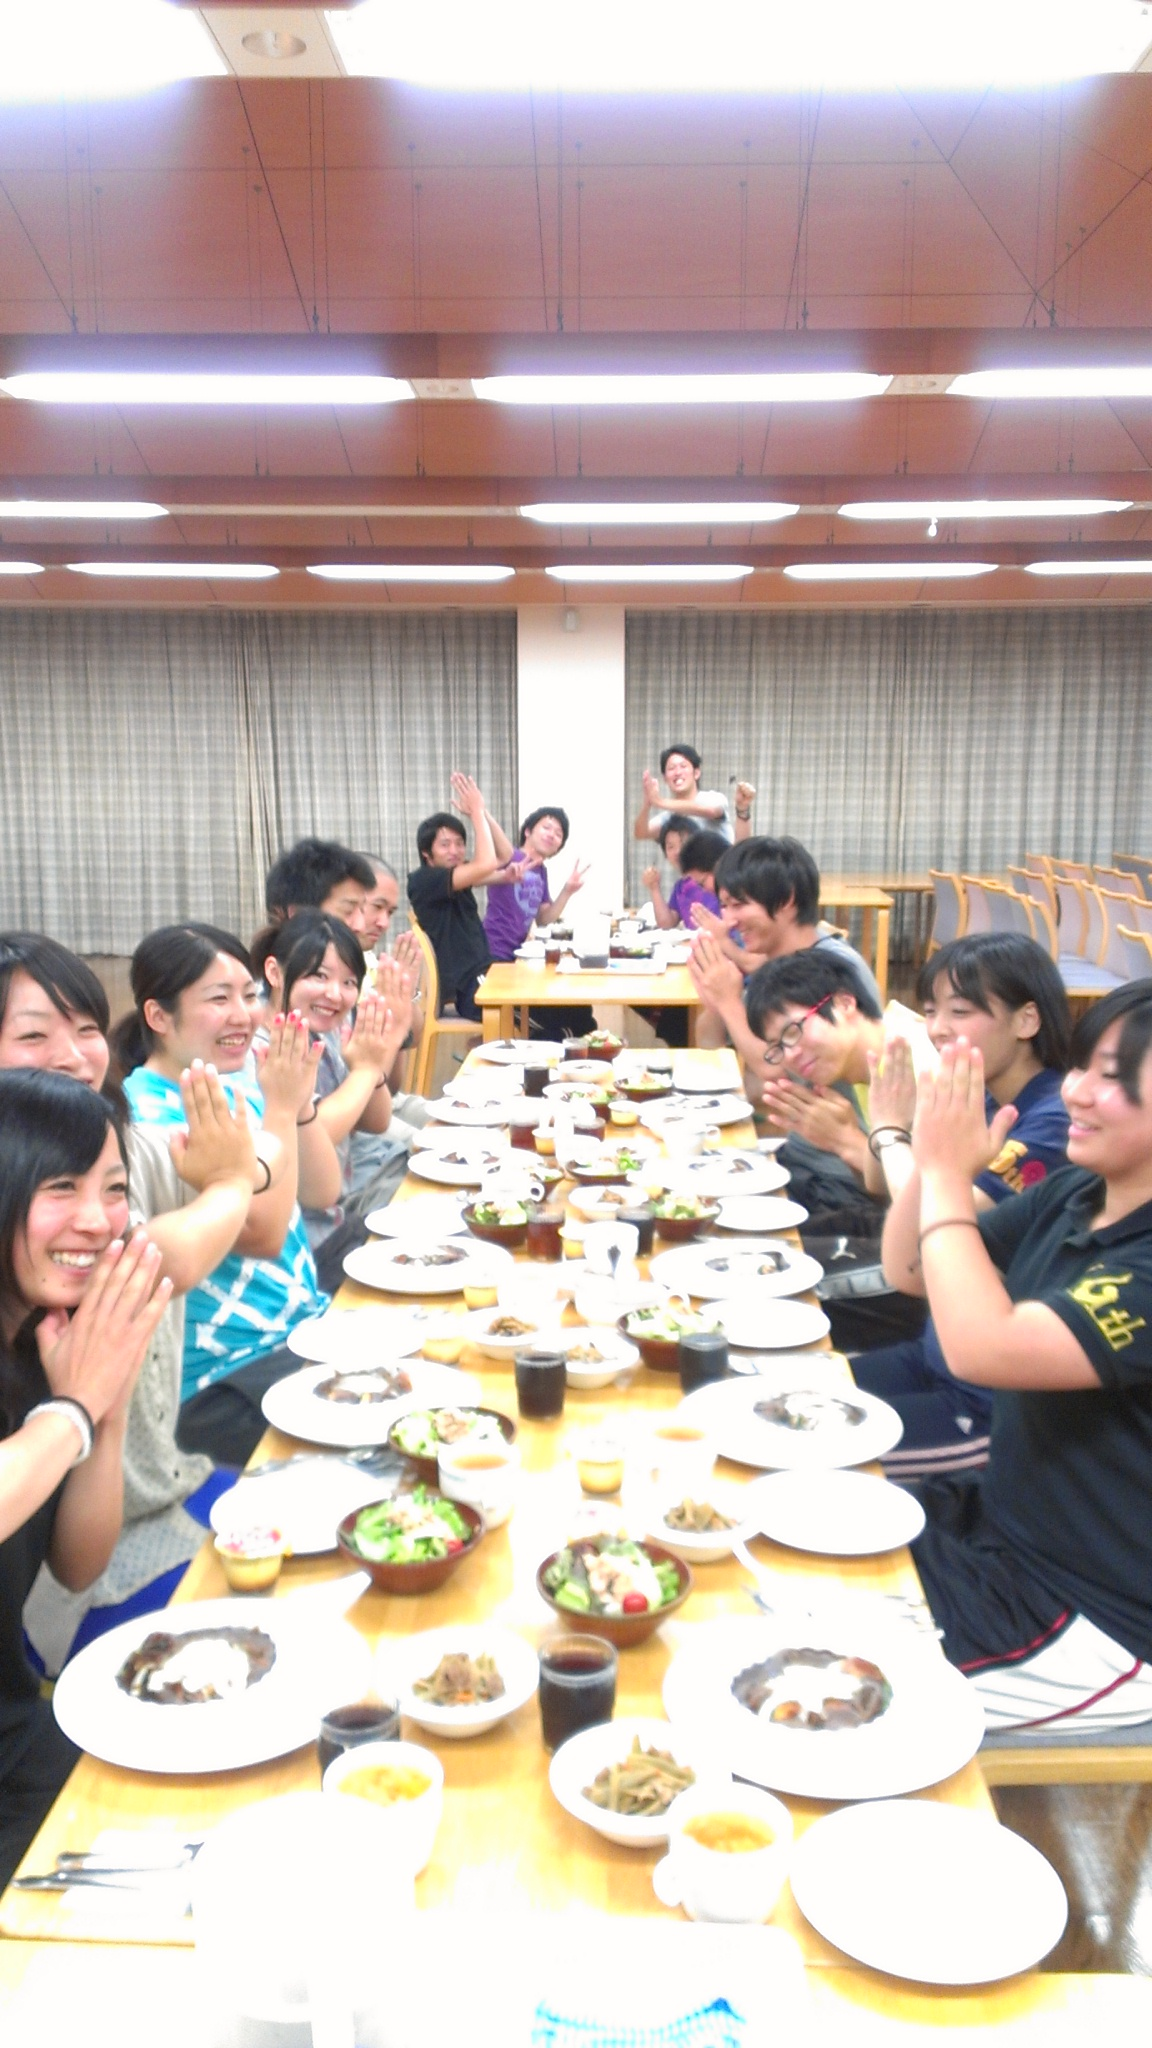 2012-08-30 18.57.18.jpg